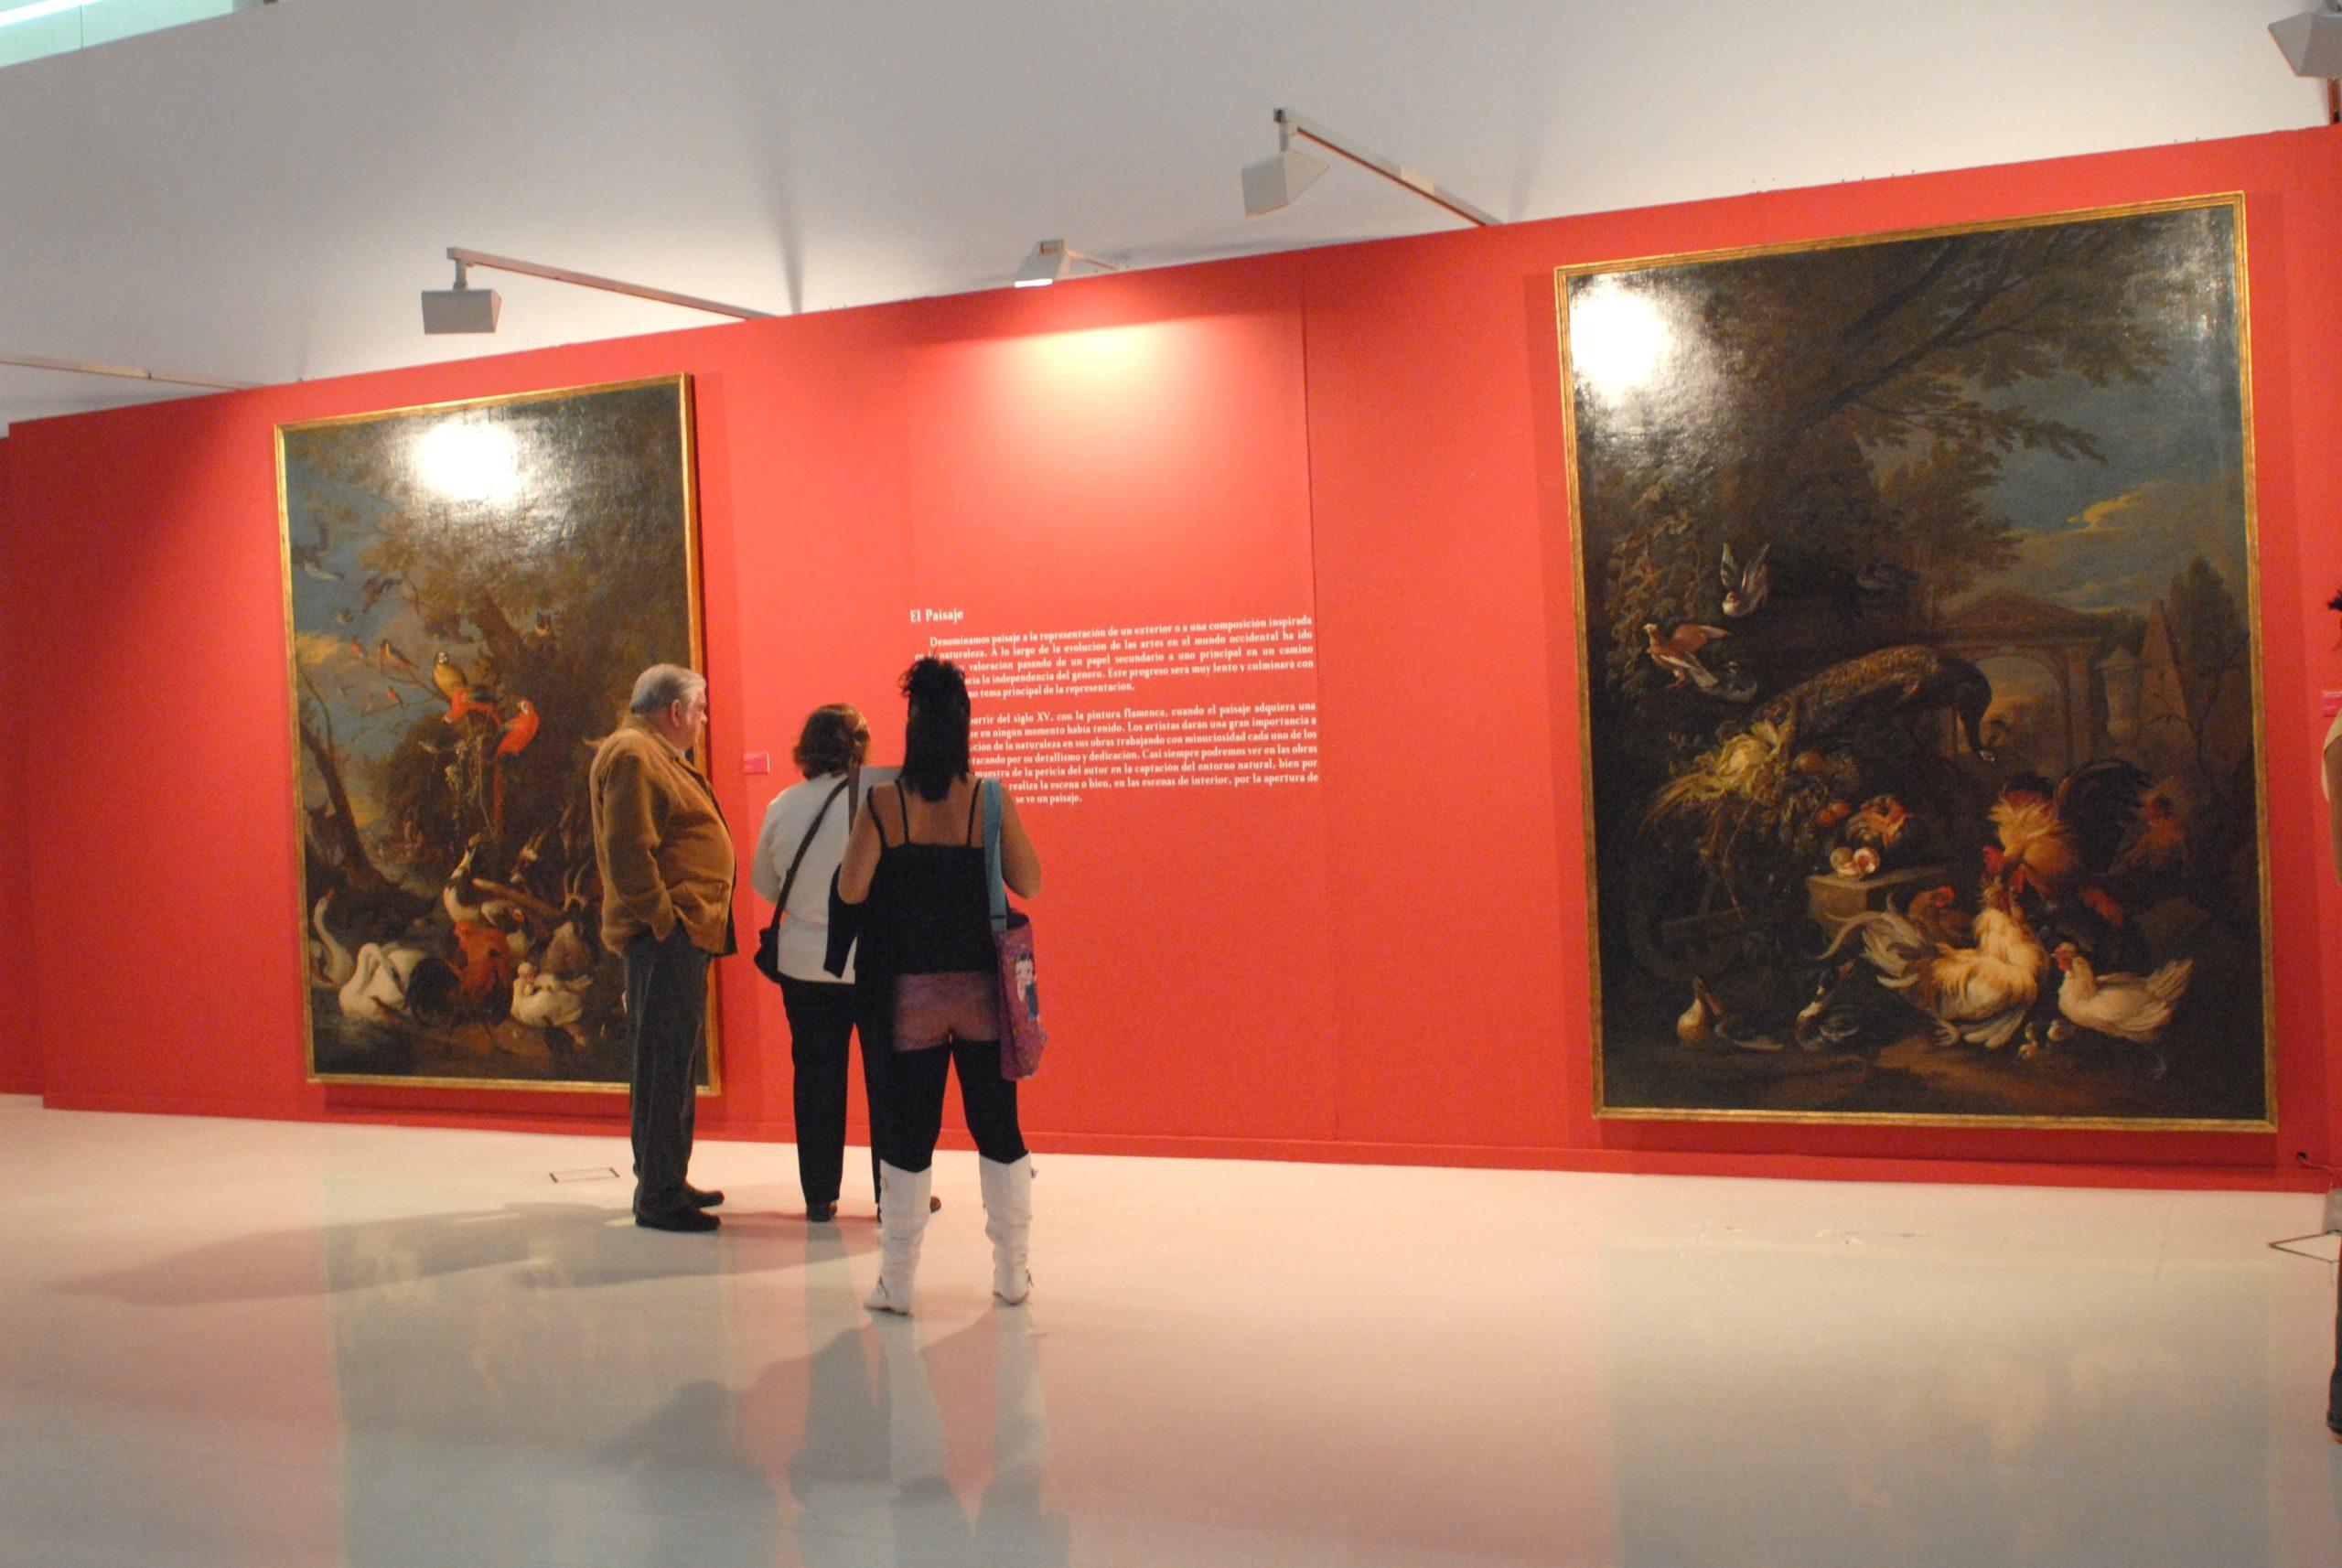 PINTURA FLAMENCA (Obras pertenecientes a la Colección Gerstenmaier)